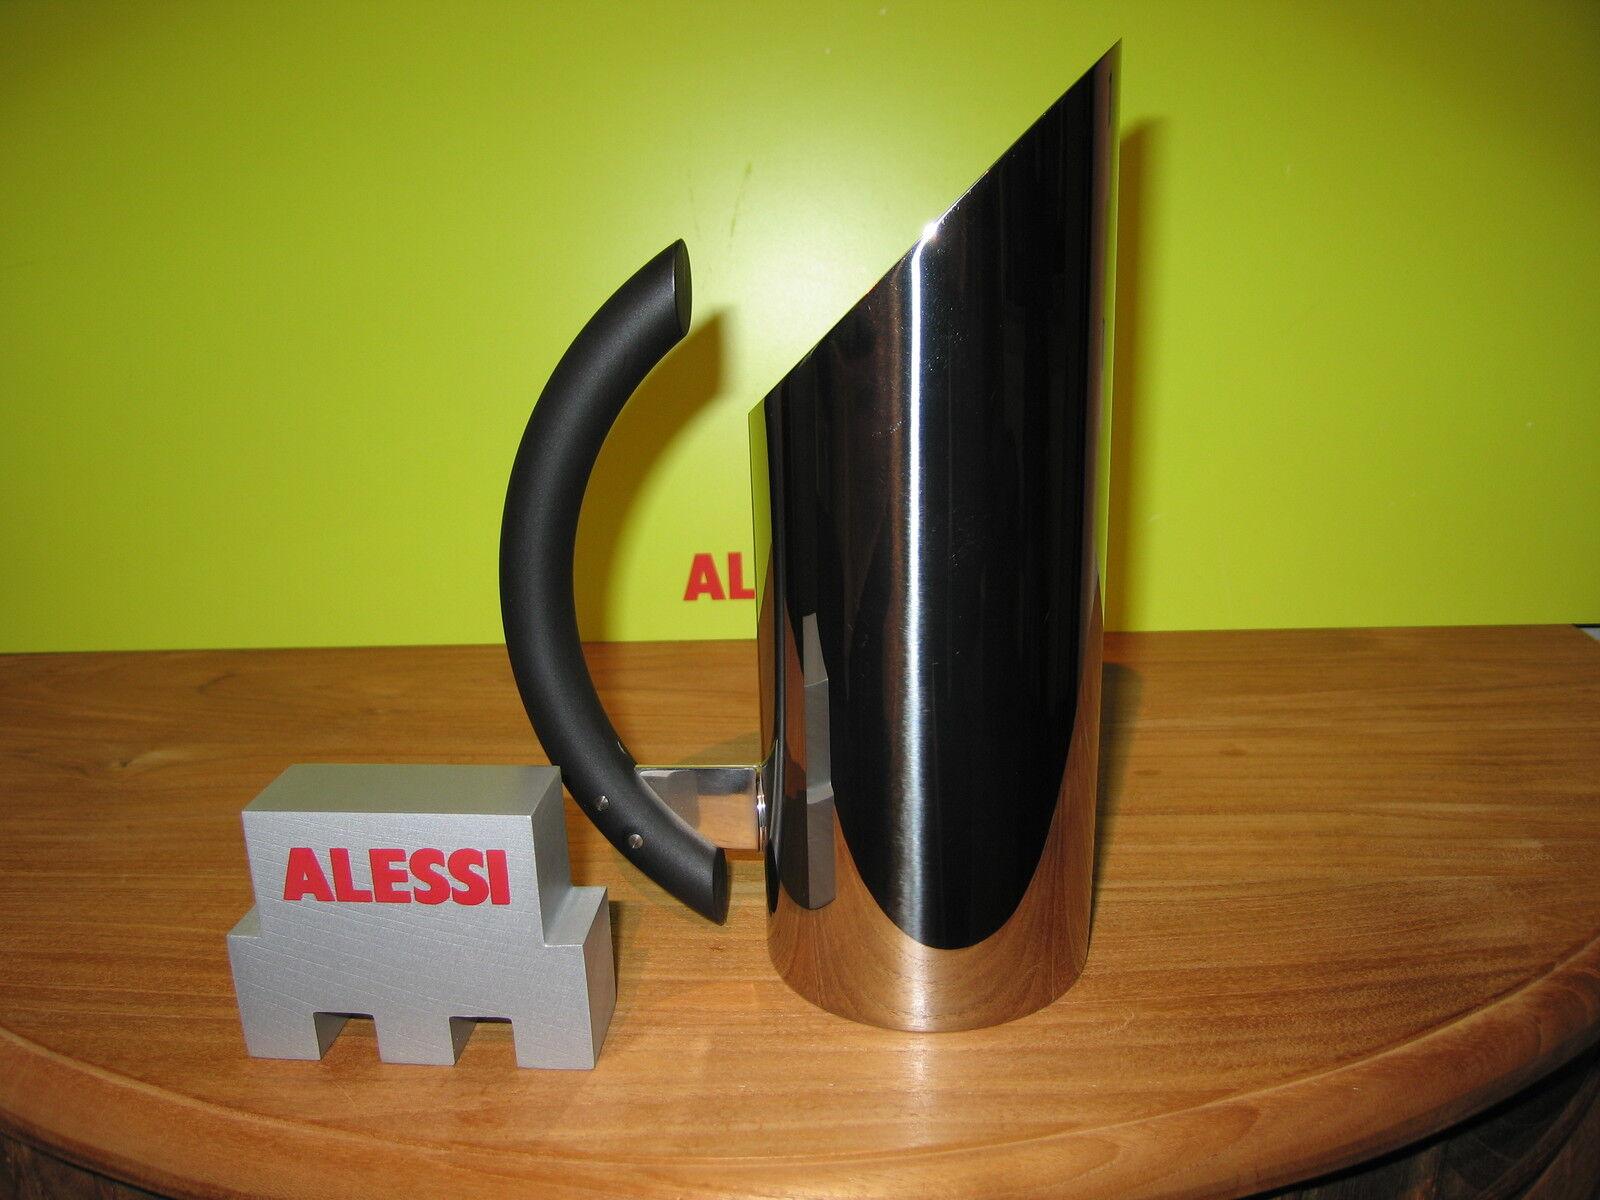 ALESSI NEW Carafe inox Mia H.23,5cm 70cl 70cl 70cl poignée noire MB02 Mario Botta | Approvisionnement Suffisant  | Exceptionnelle  | Vente En Ligne  | Outlet Online Store  2f9035